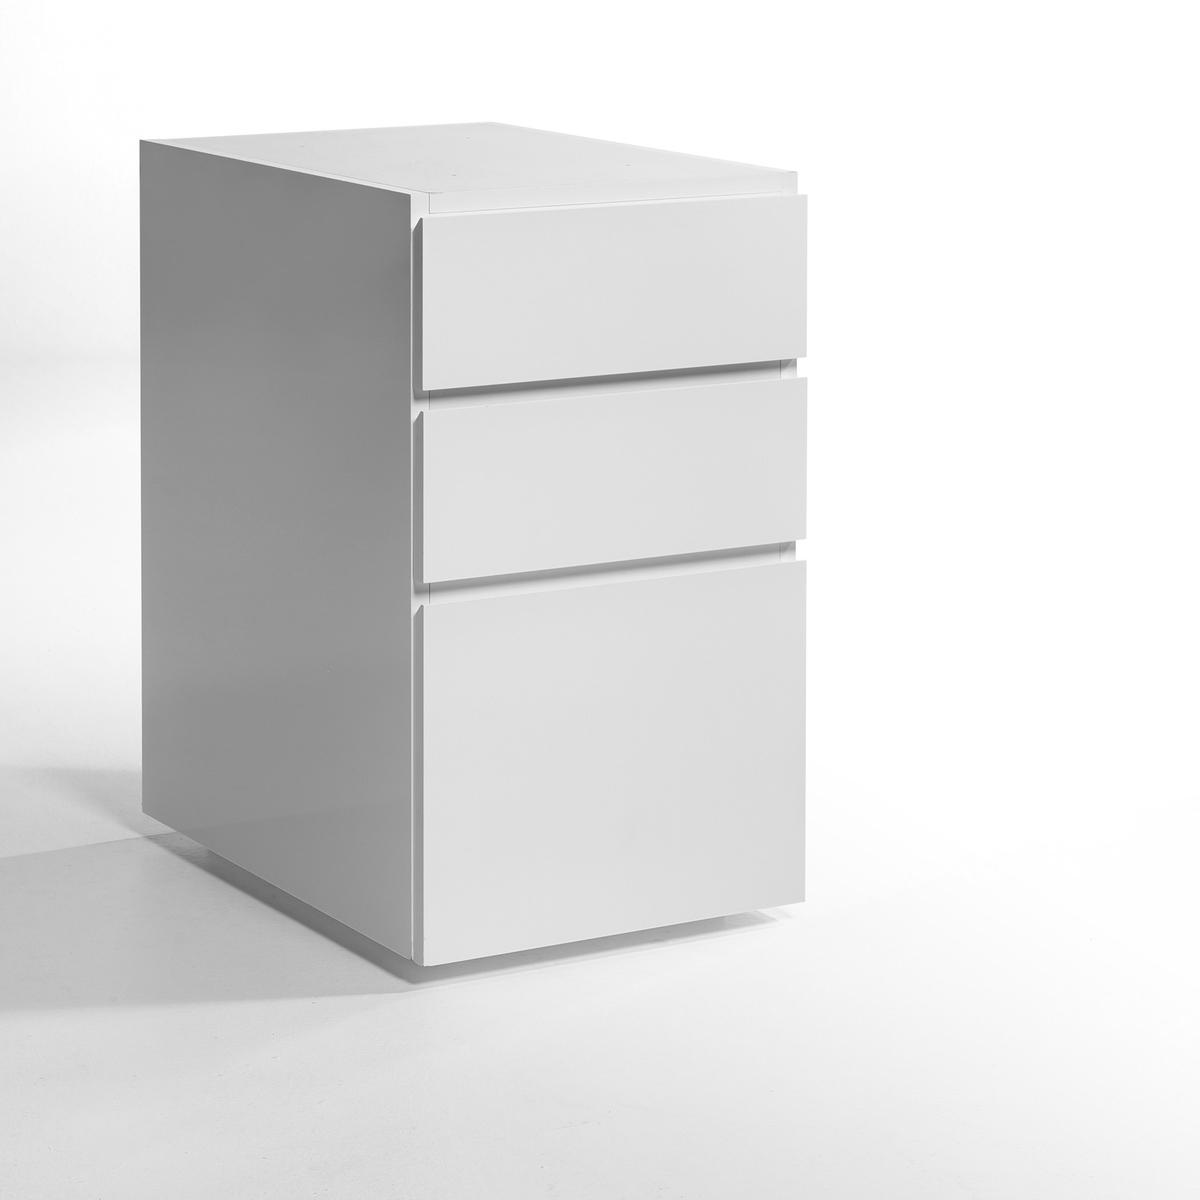 Тумба с 3 ящиками Working тумба с 3 ящиками working